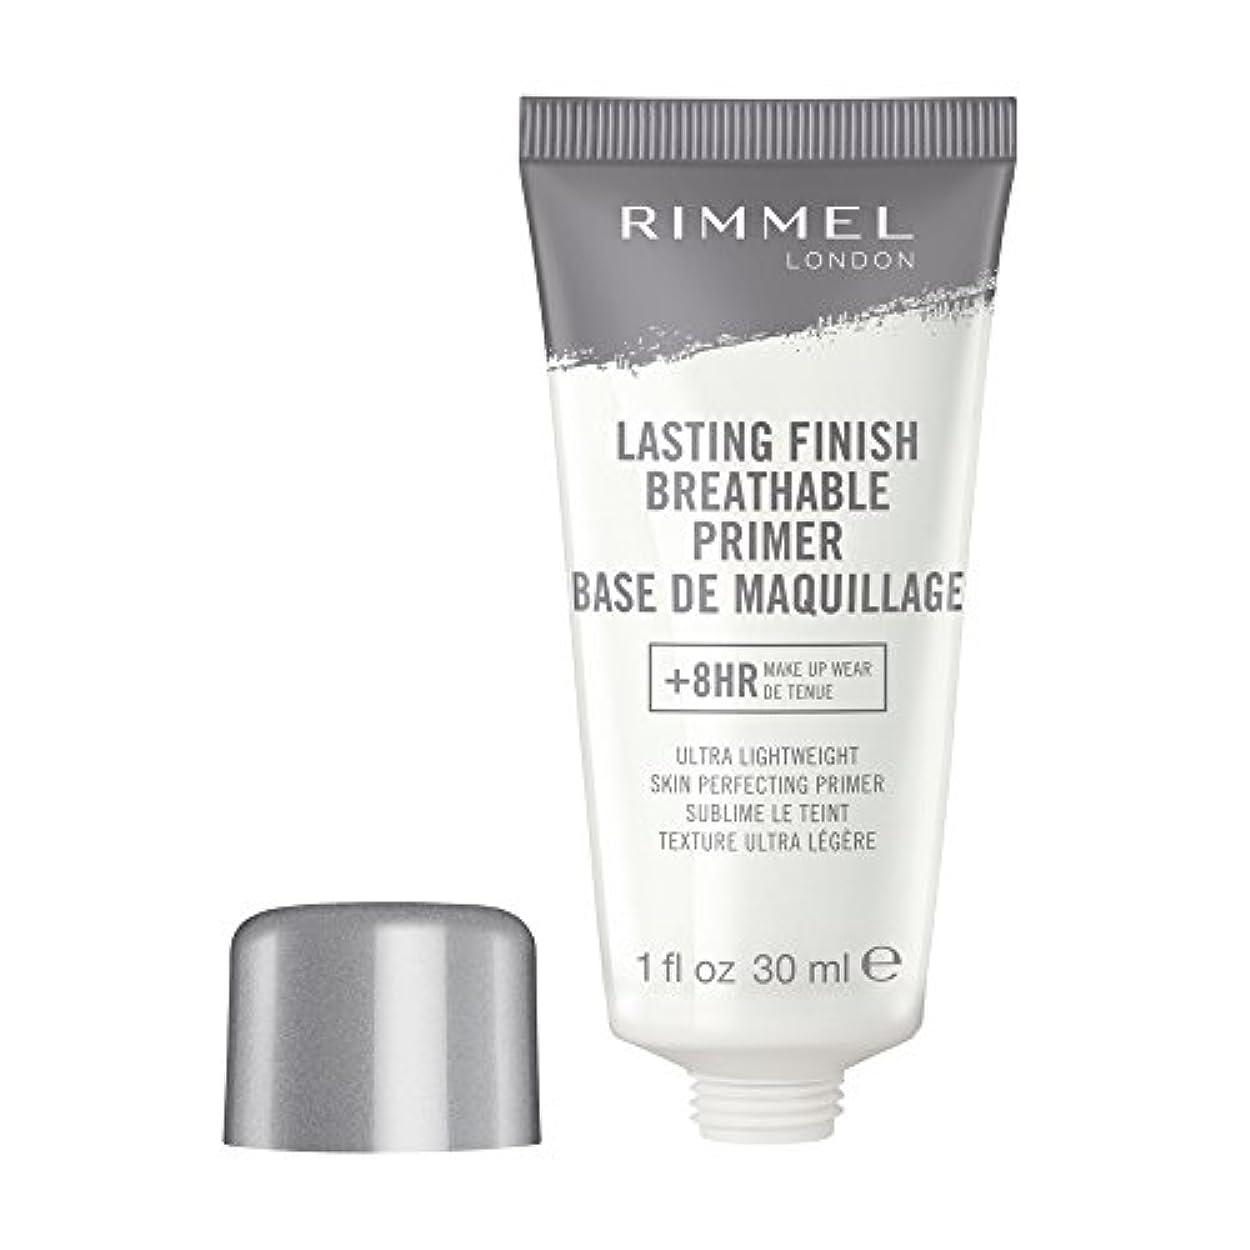 RIMMEL LONDON Lasting Finish Breathable Primer - Transparent (並行輸入品)